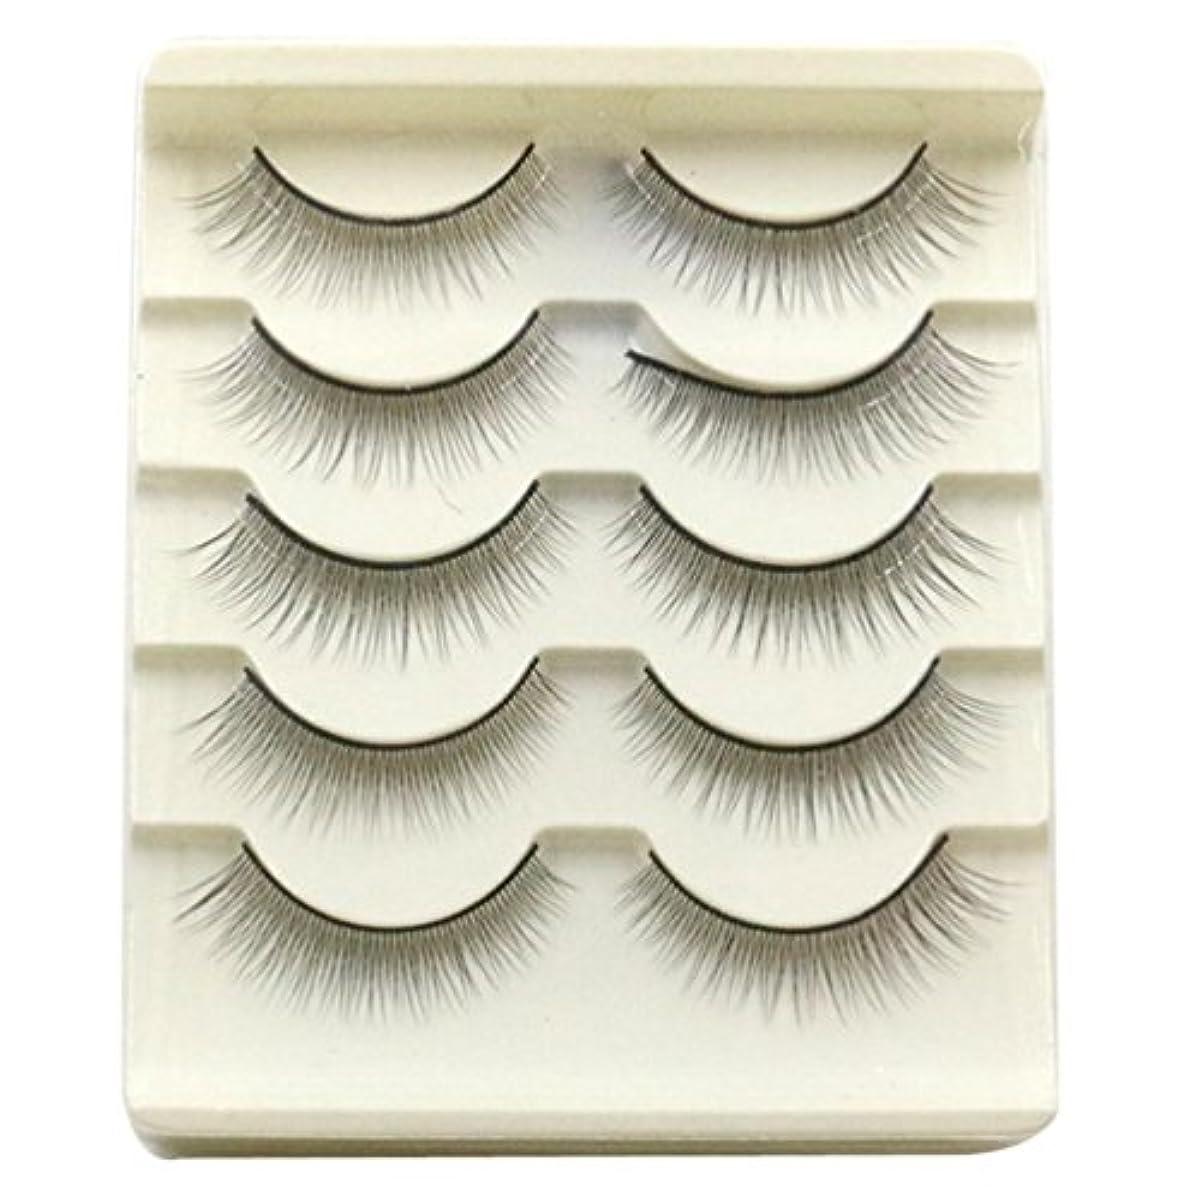 概要満員保存するFeteso 5ペア つけまつげ 上まつげ Eyelashes アイラッシュ ビューティー まつげエクステ レディース 化粧ツール アイメイクアップ 人気 ナチュラル ふんわり 装着簡単 綺麗 極薄